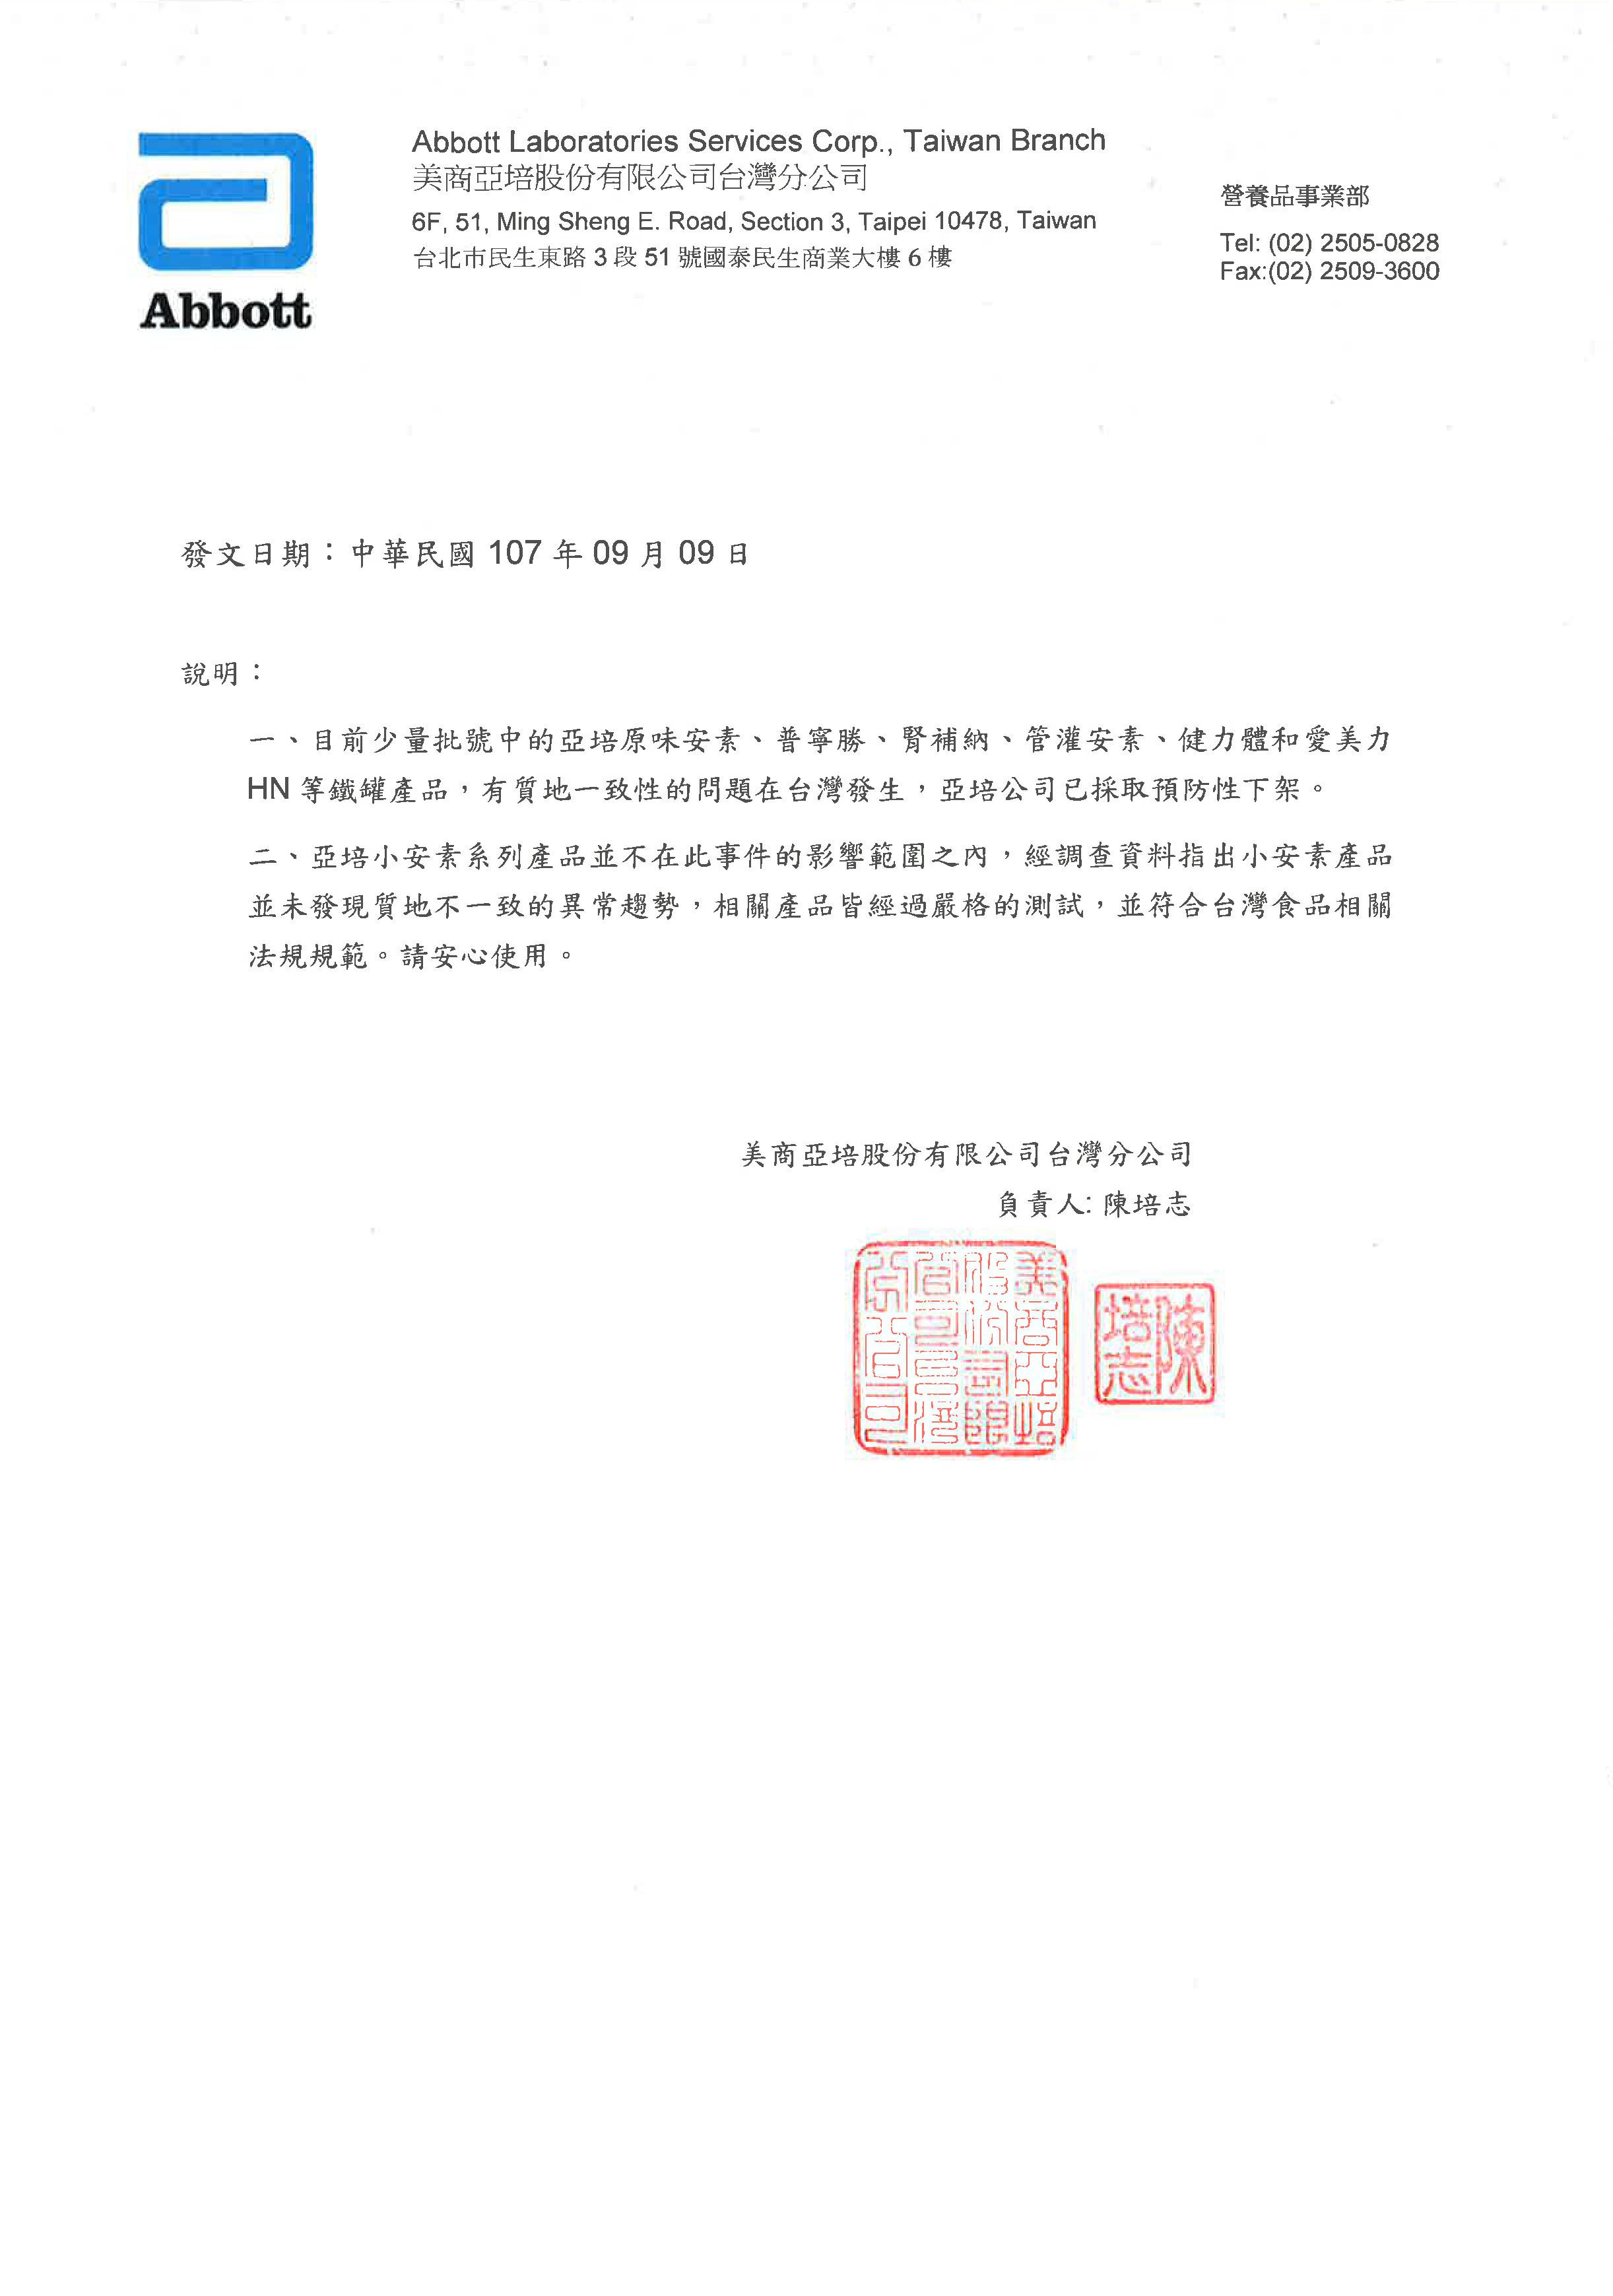 proimages/news/2018/亞培小安素品質安全無虞聲明_20180910.jpg